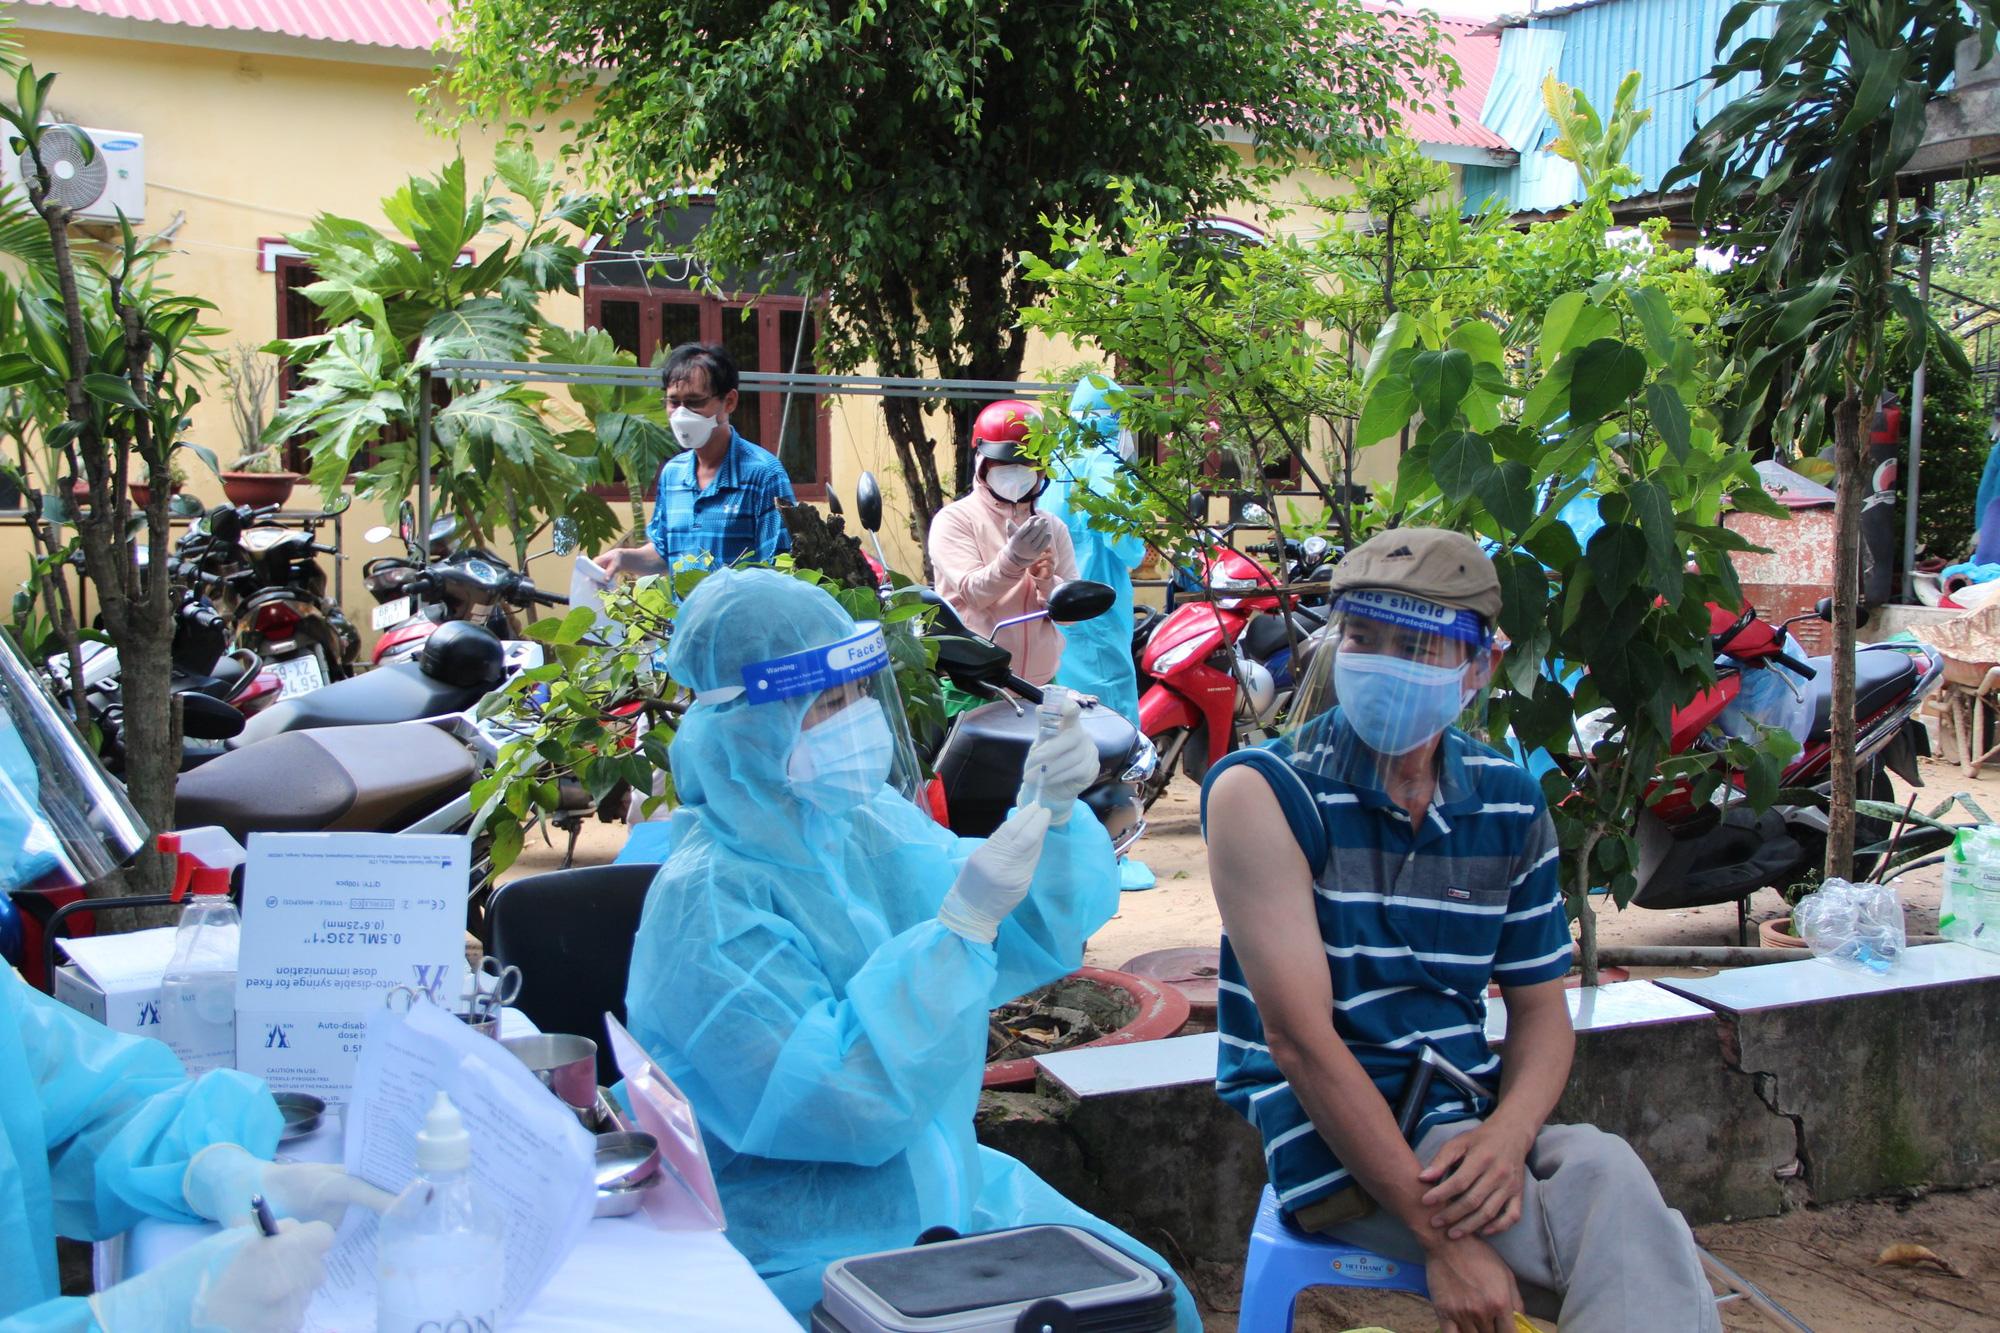 Đội tiêm ngừa vaccine COVID-19 lưu động cho người dân khu vực phong tỏa - Ảnh 7.